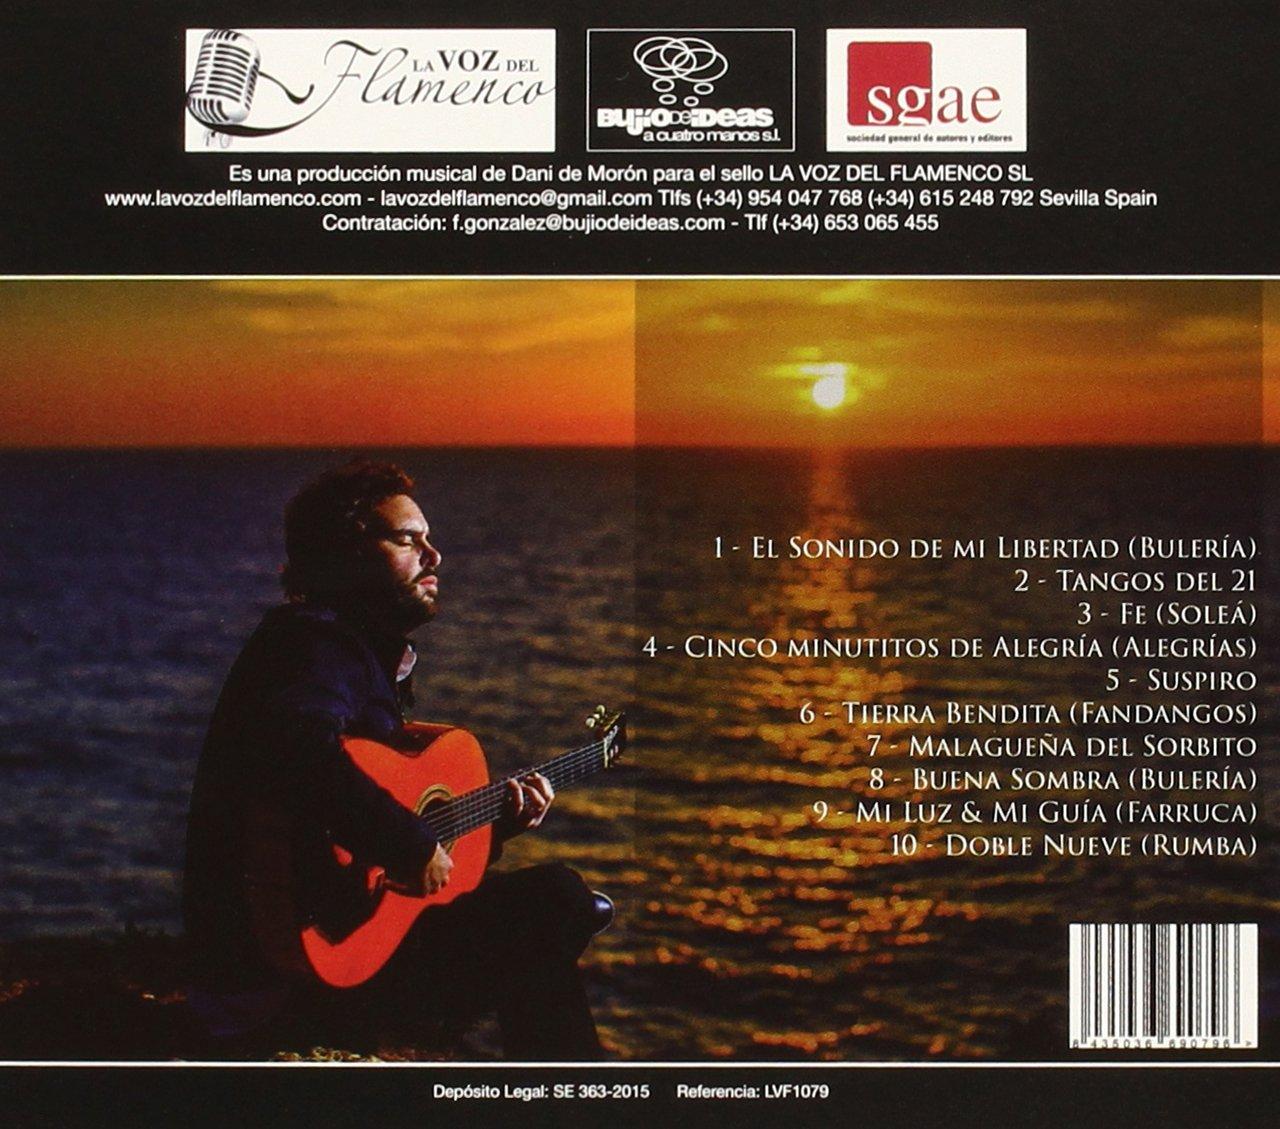 El Sonido De Mi Libertad: Dani De Morón: Amazon.es: Música